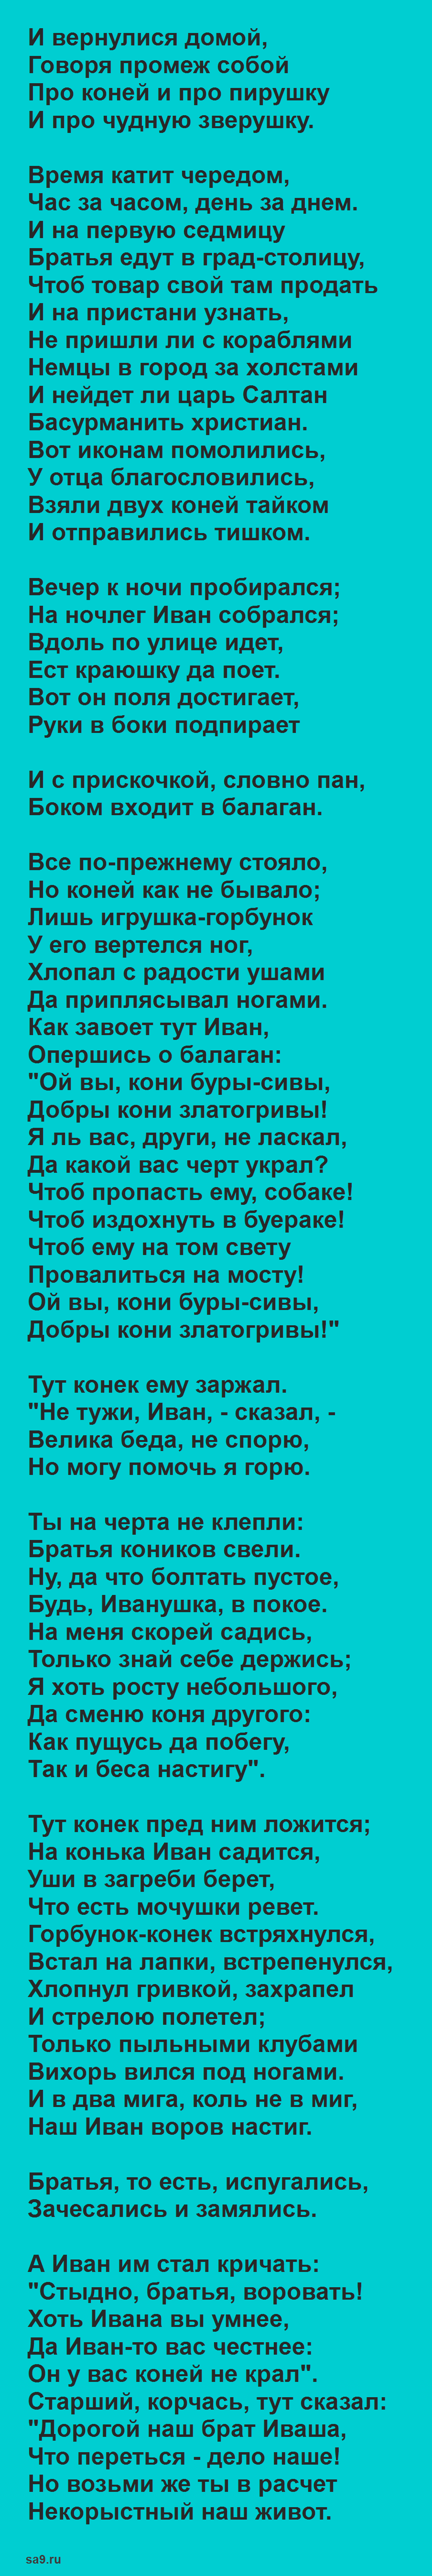 'Конек-Горбунок' читать сказку полностью